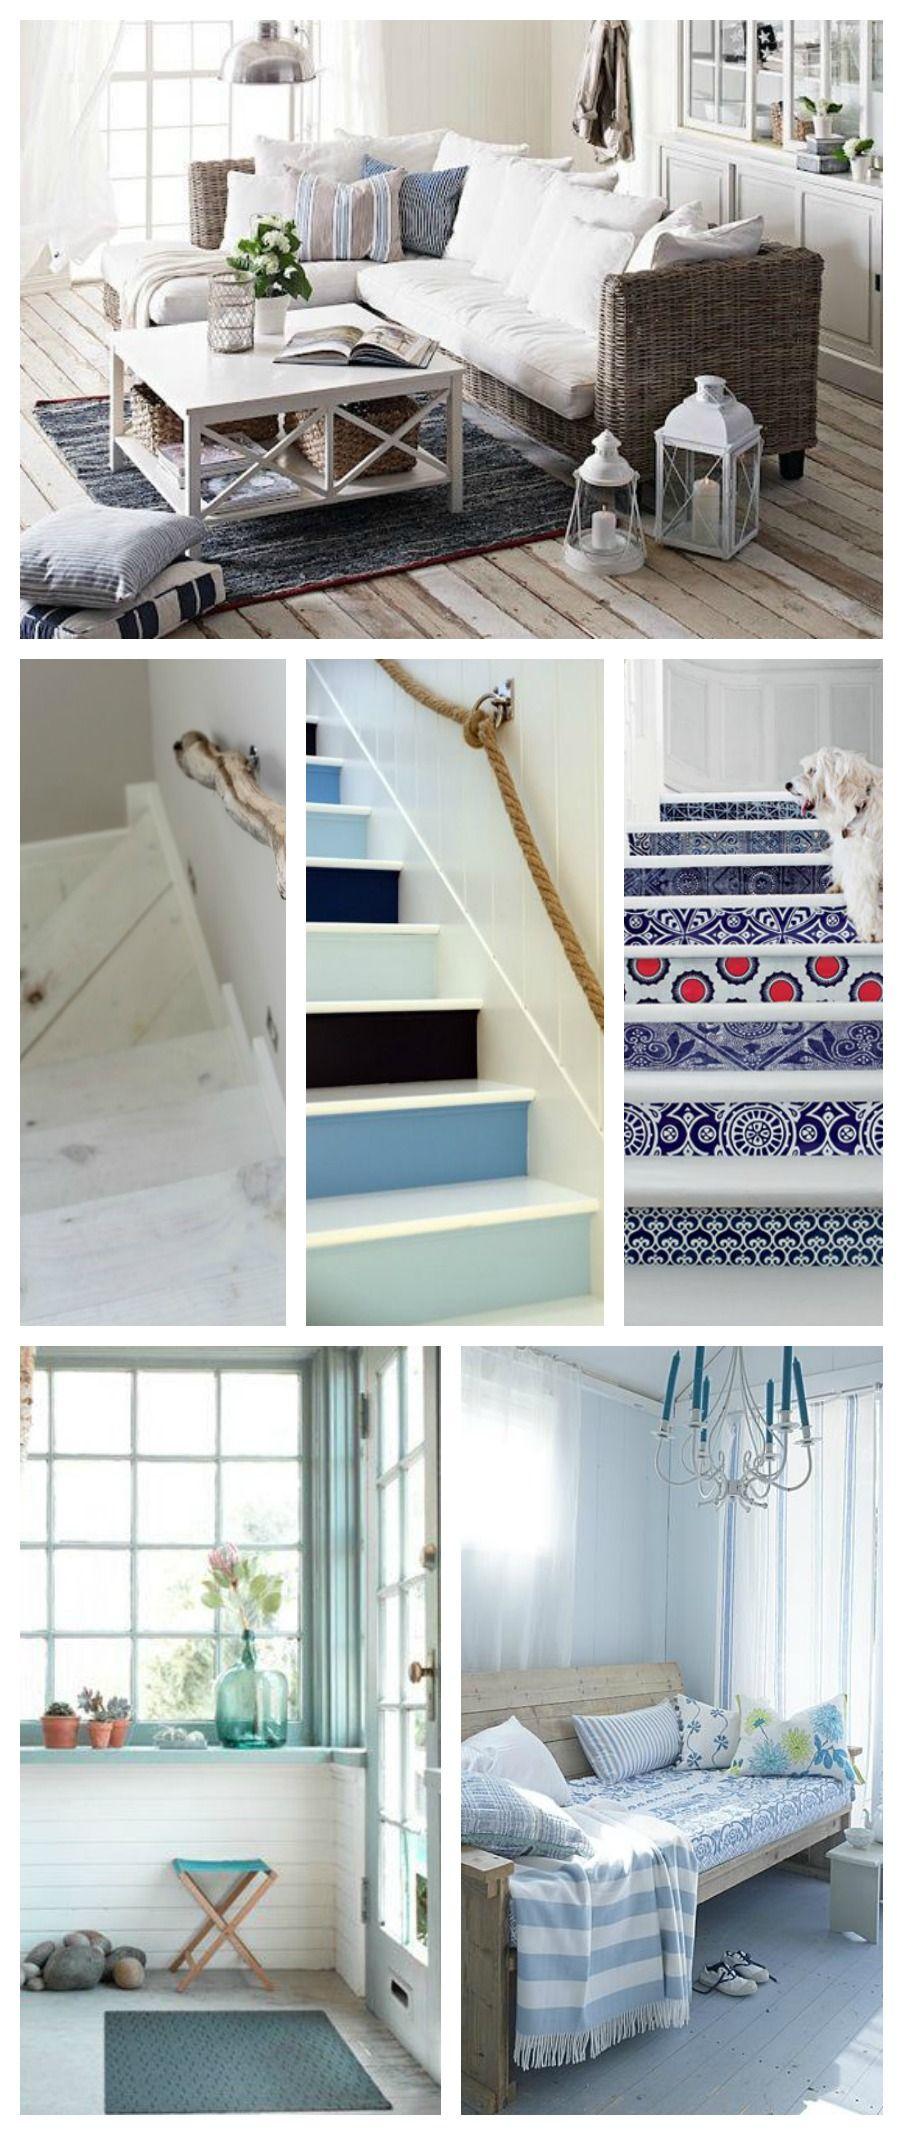 Pavimenti per la casa al mare legno chiaro e decorazioni case mare interni pinterest - Pavimenti per casa al mare ...